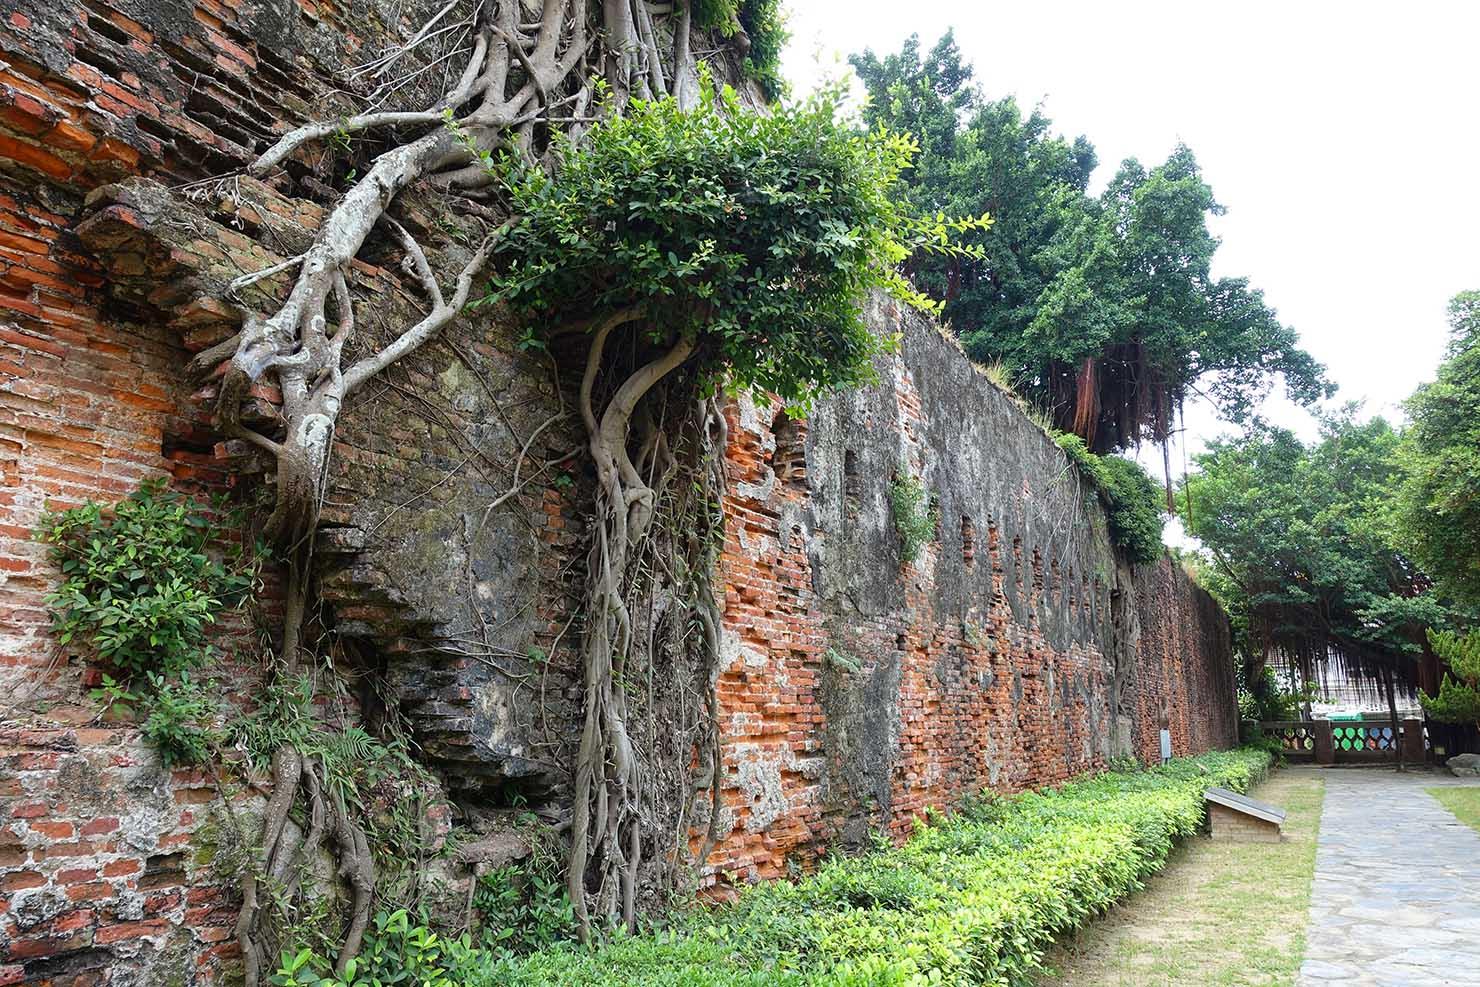 台湾の古都・台南のおすすめ観光スポット「安平古堡」の城壁